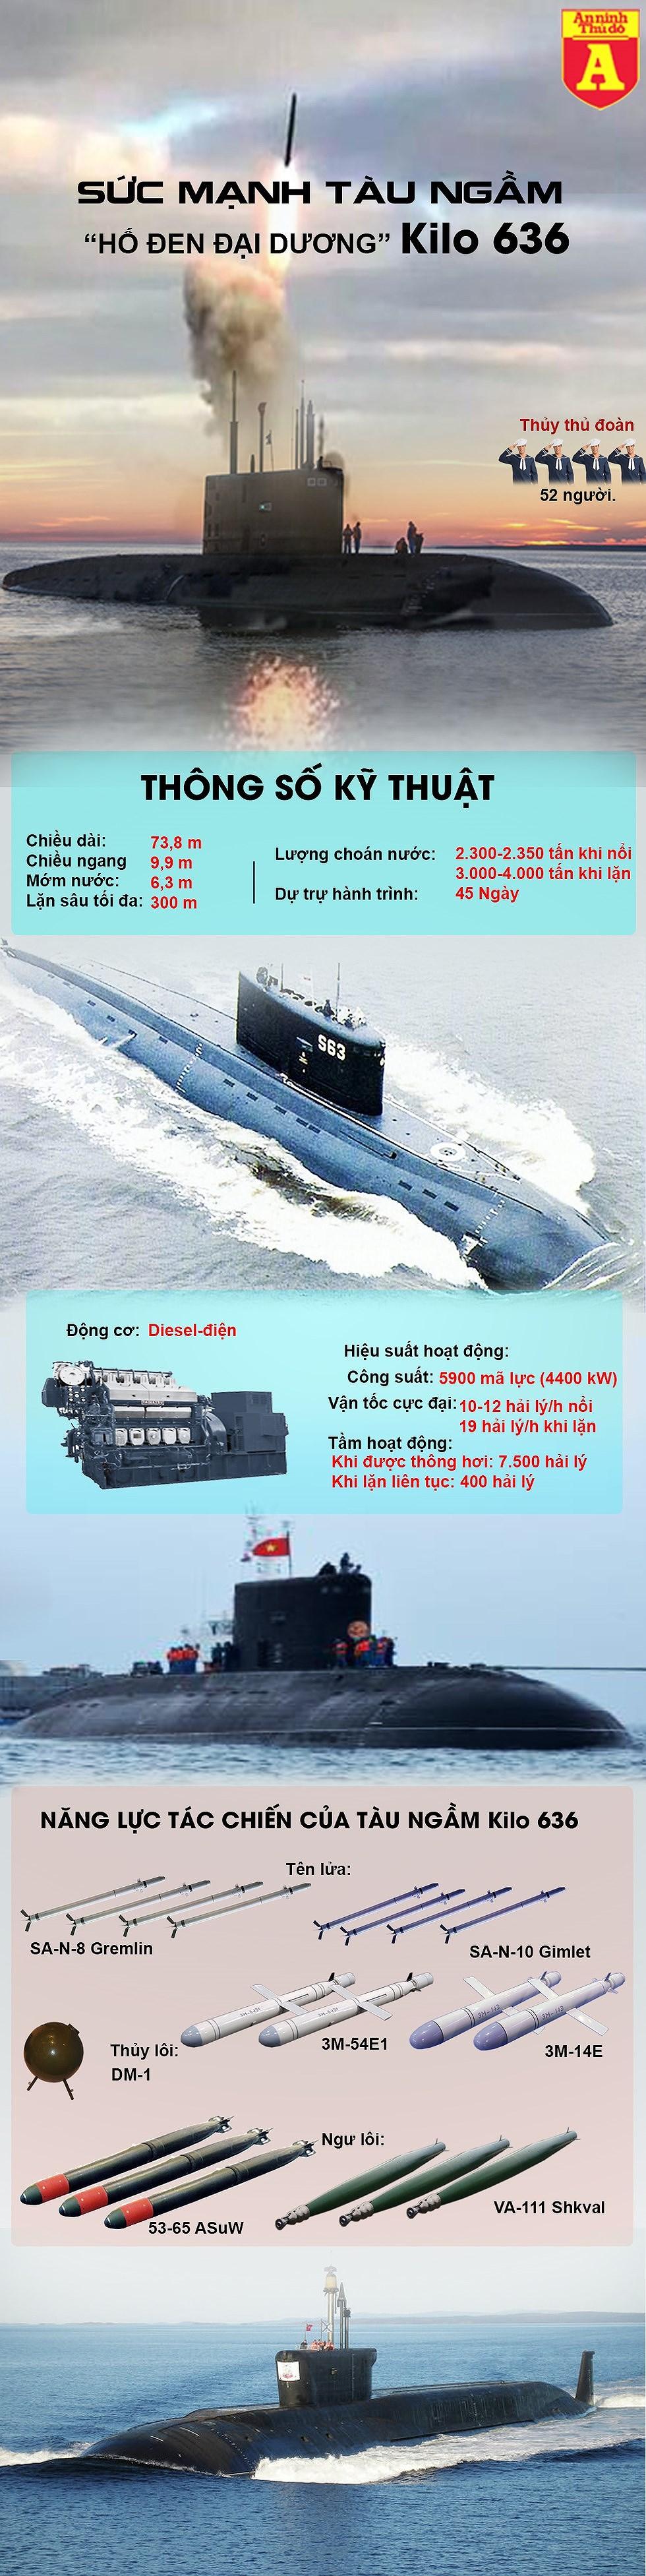 [Infographics] Tàu ngầm Kilo 636 mạnh cỡ nào khiến các nước phát thèm - Ảnh 1